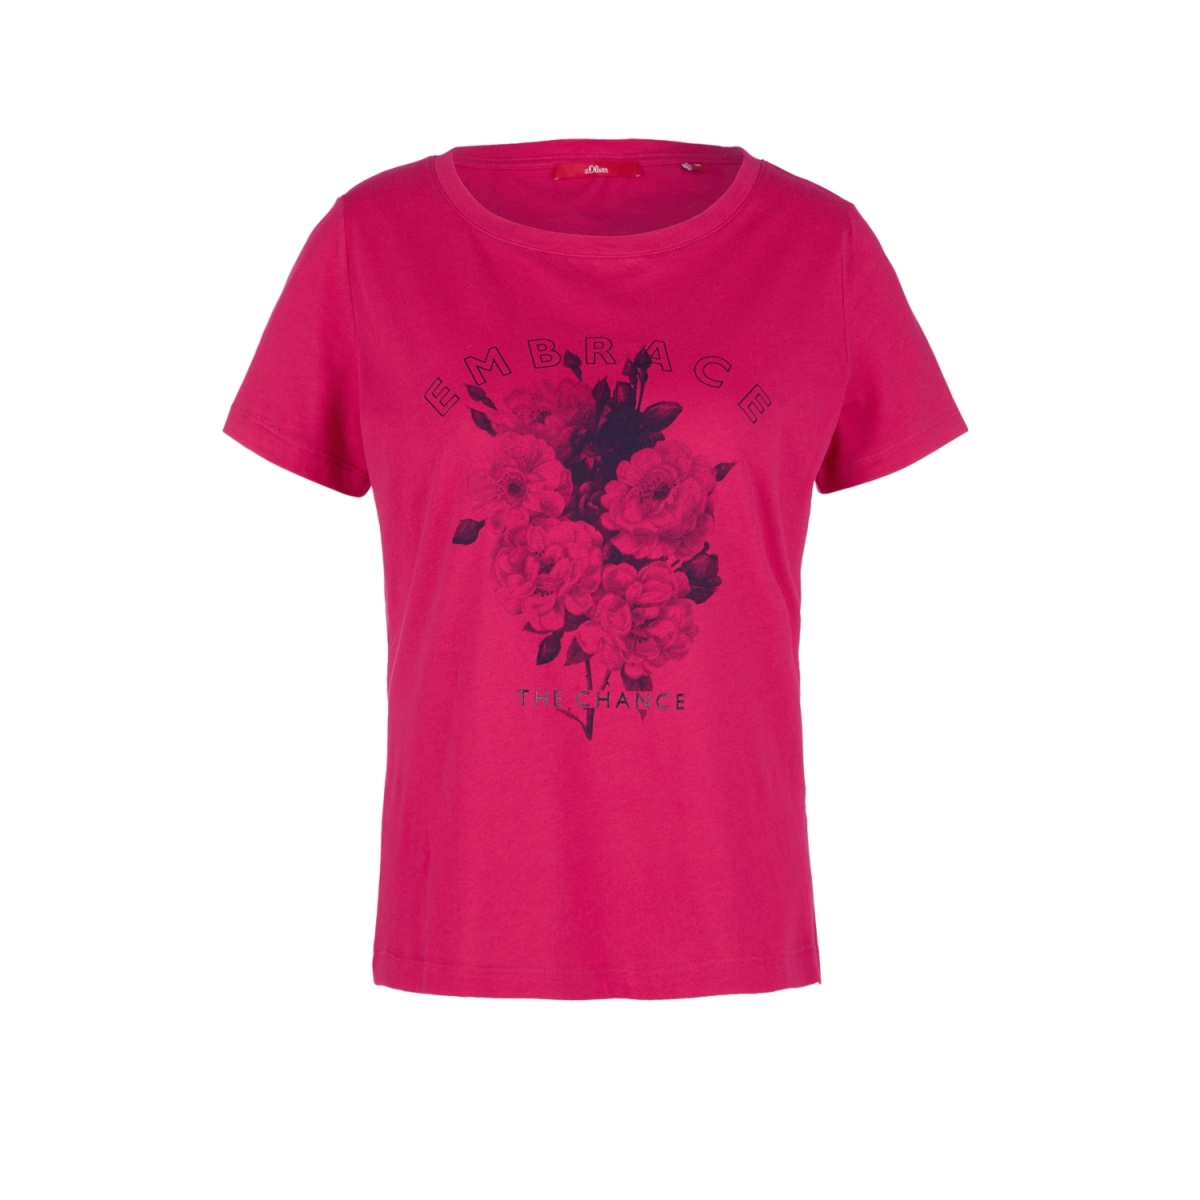 jersey shirt met print op voorkant 14908327587 s.oliver t-shirt 44d1